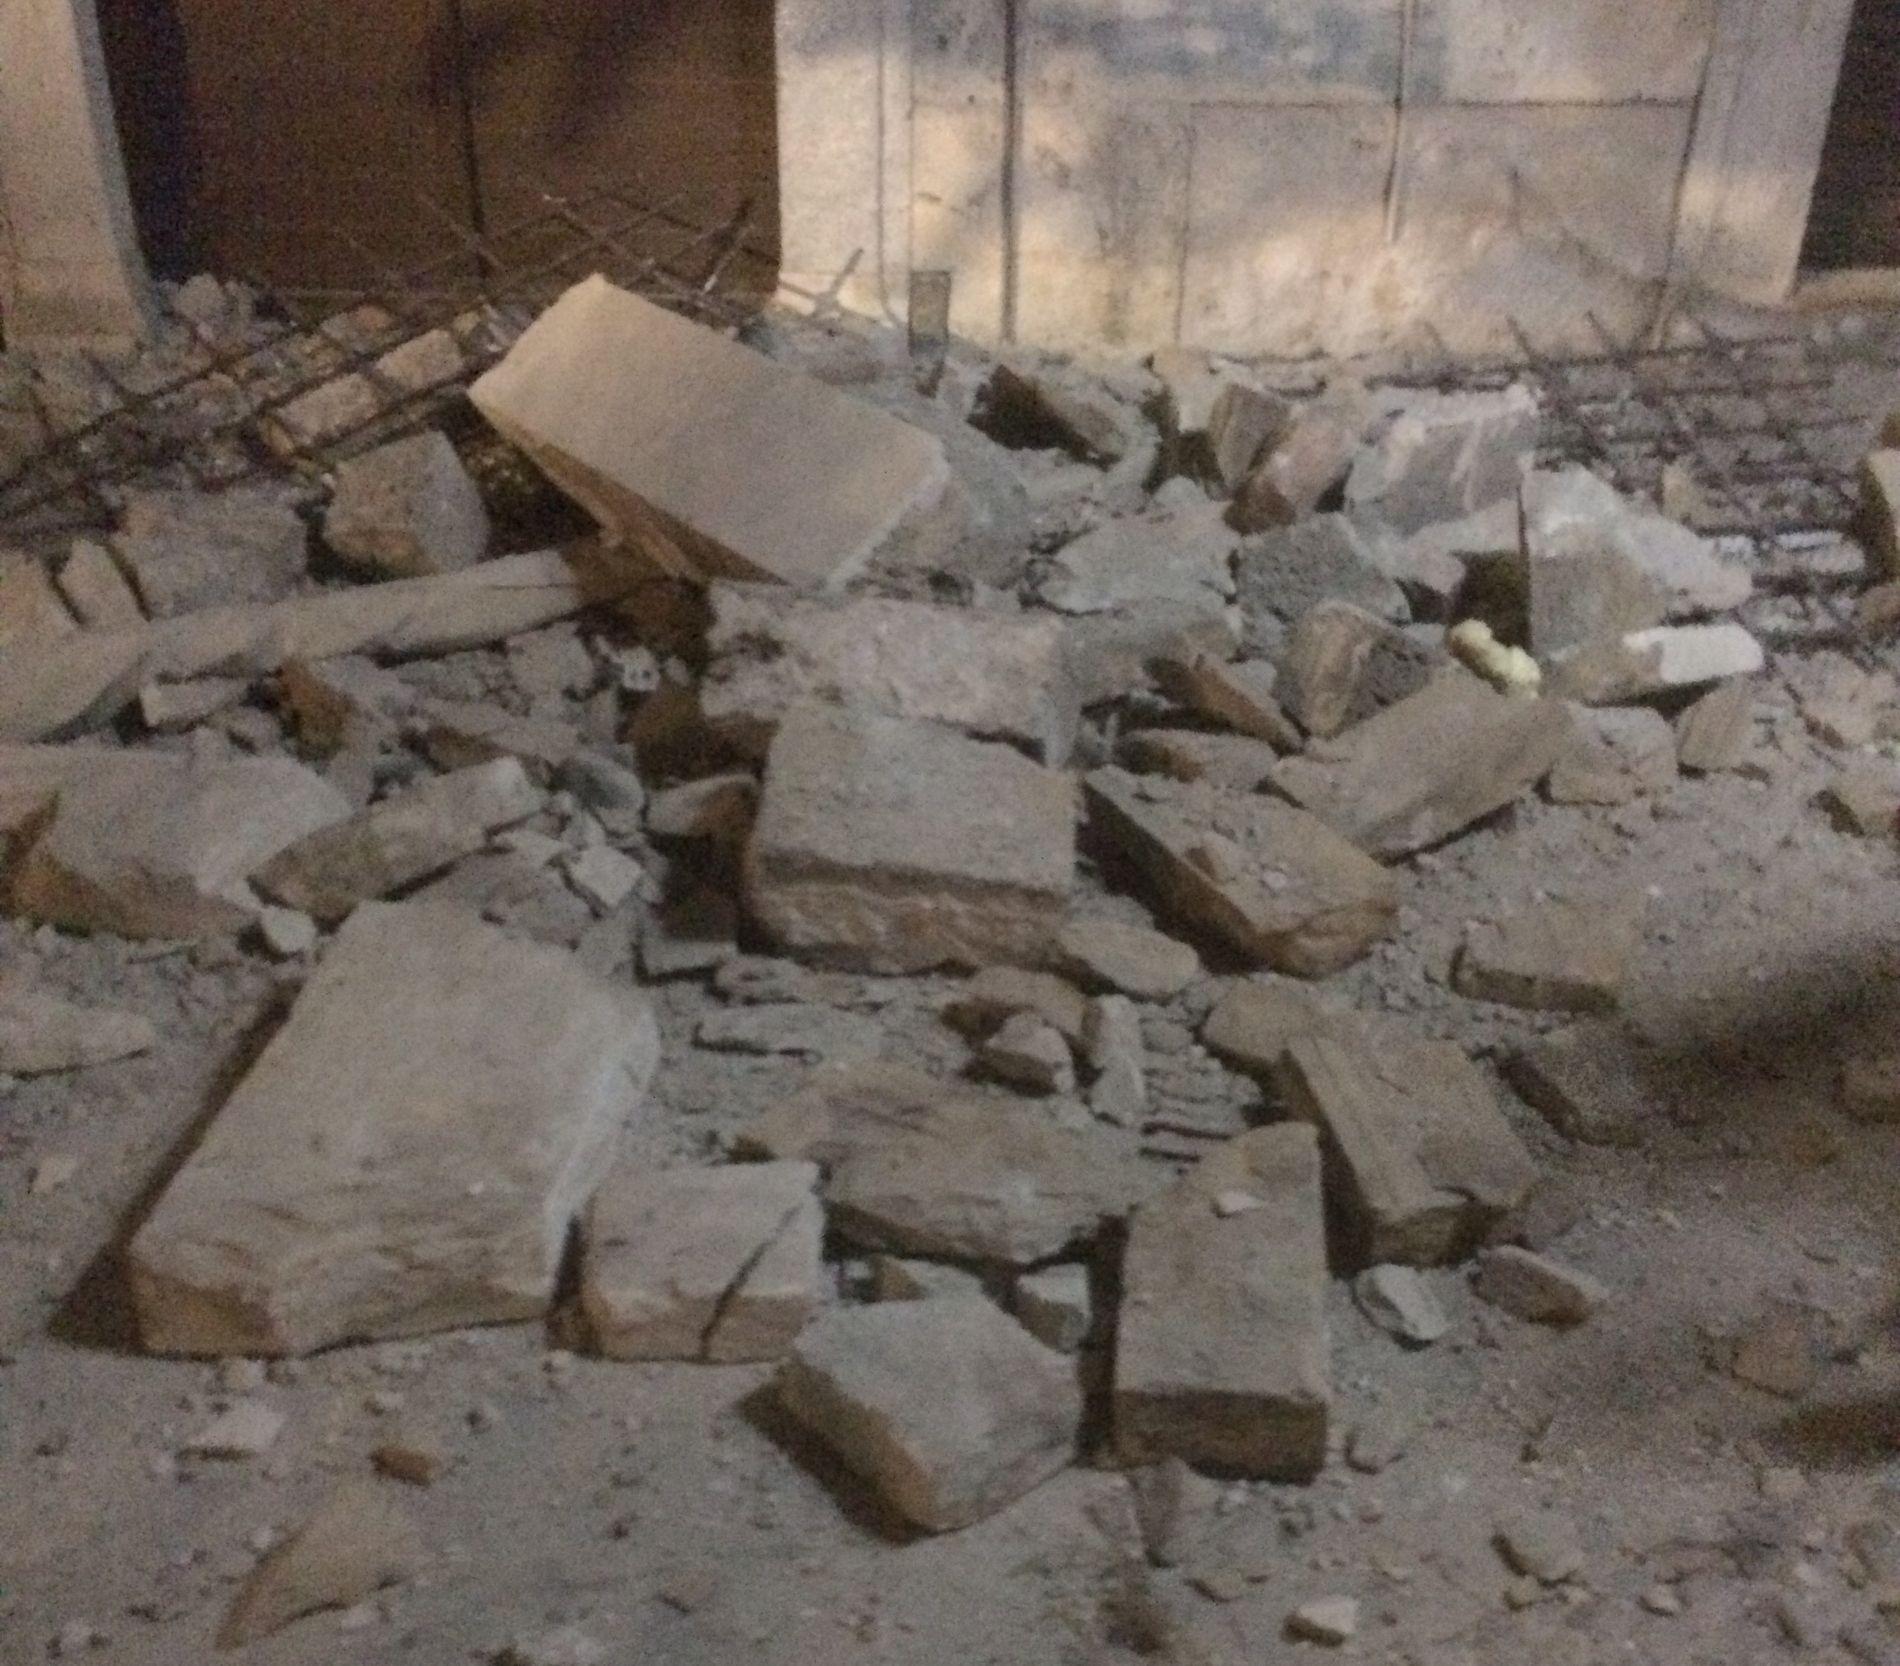 SKADER: Nordmenn som ringer VG forteller om sammenraste bygninger og skader på personer. Dette bildet ble sendt inn fra Kos.